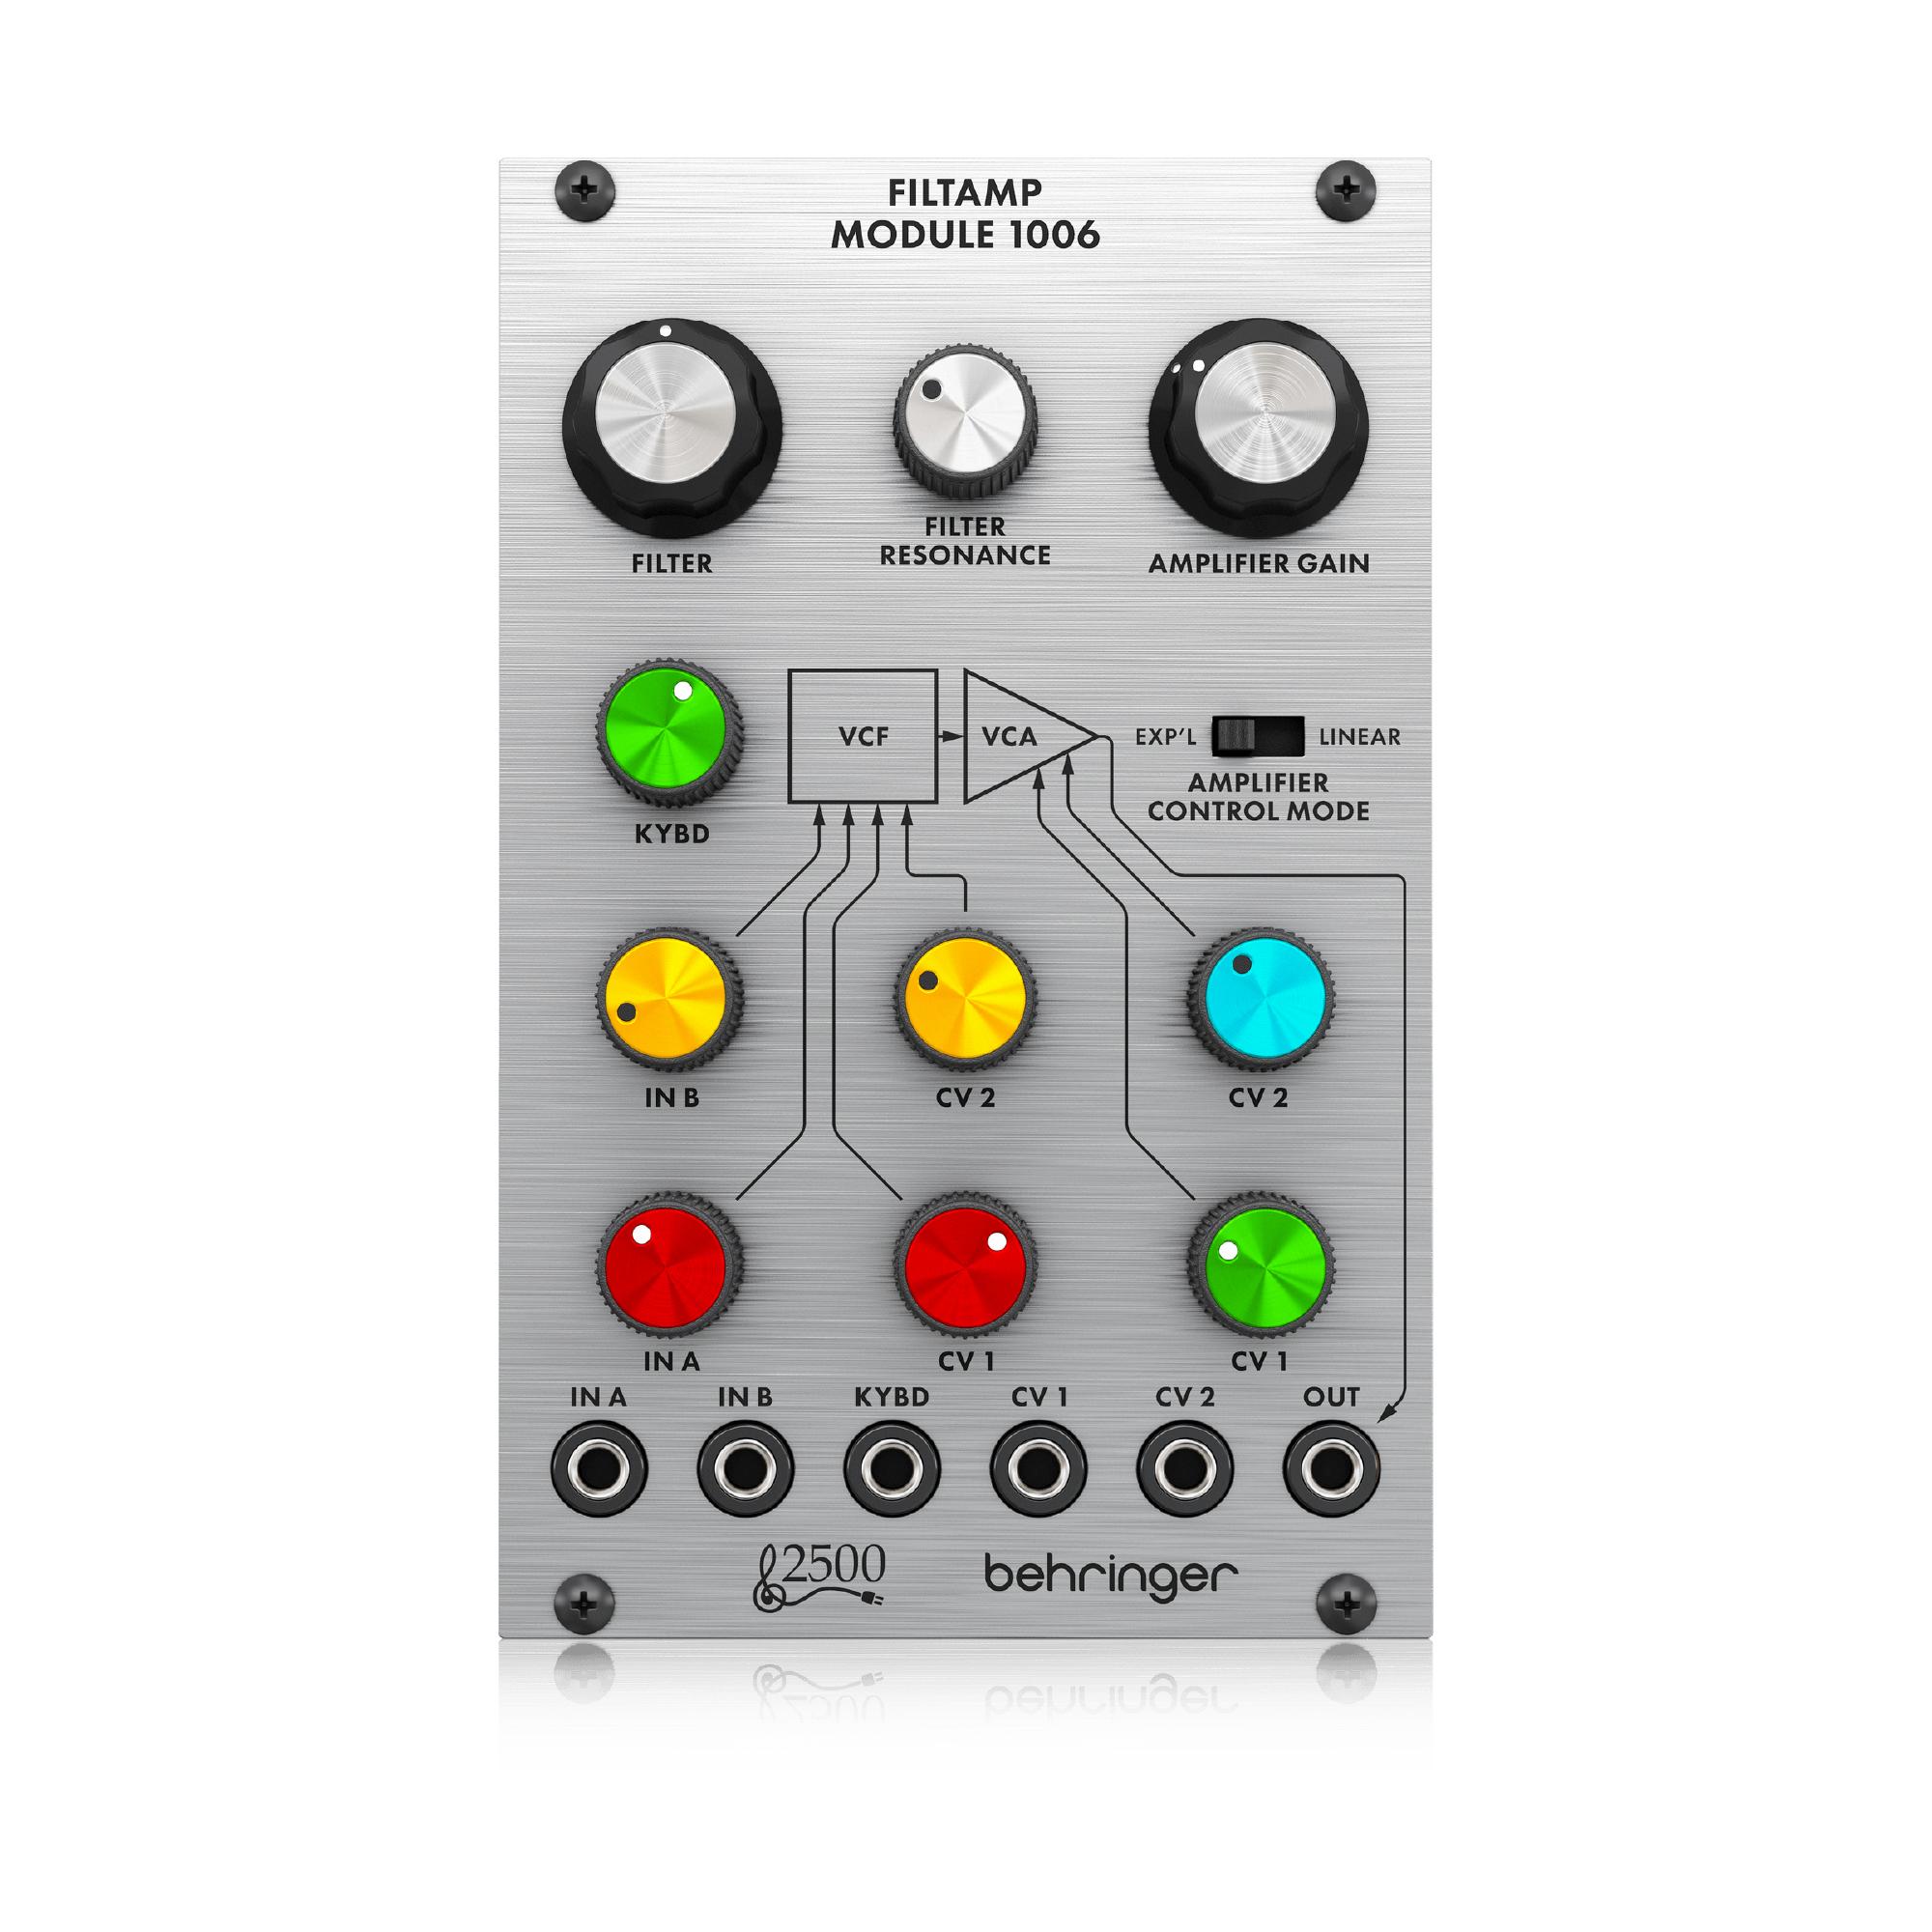 ベリンガー Behringer FILT AMP MODULE 1006